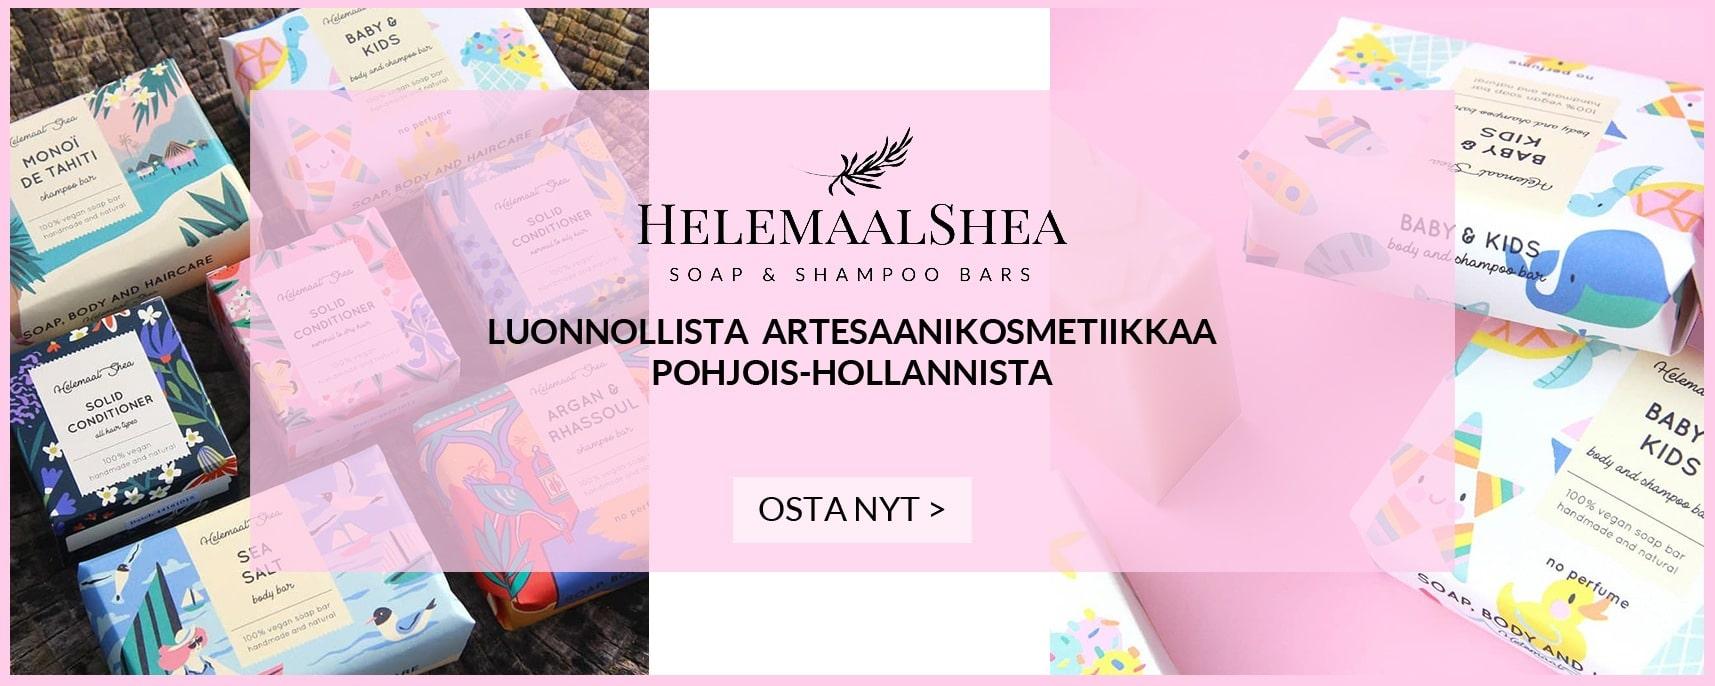 HelemaalShea Artesaanikosmetiikkaa Pohjois-Hollannista